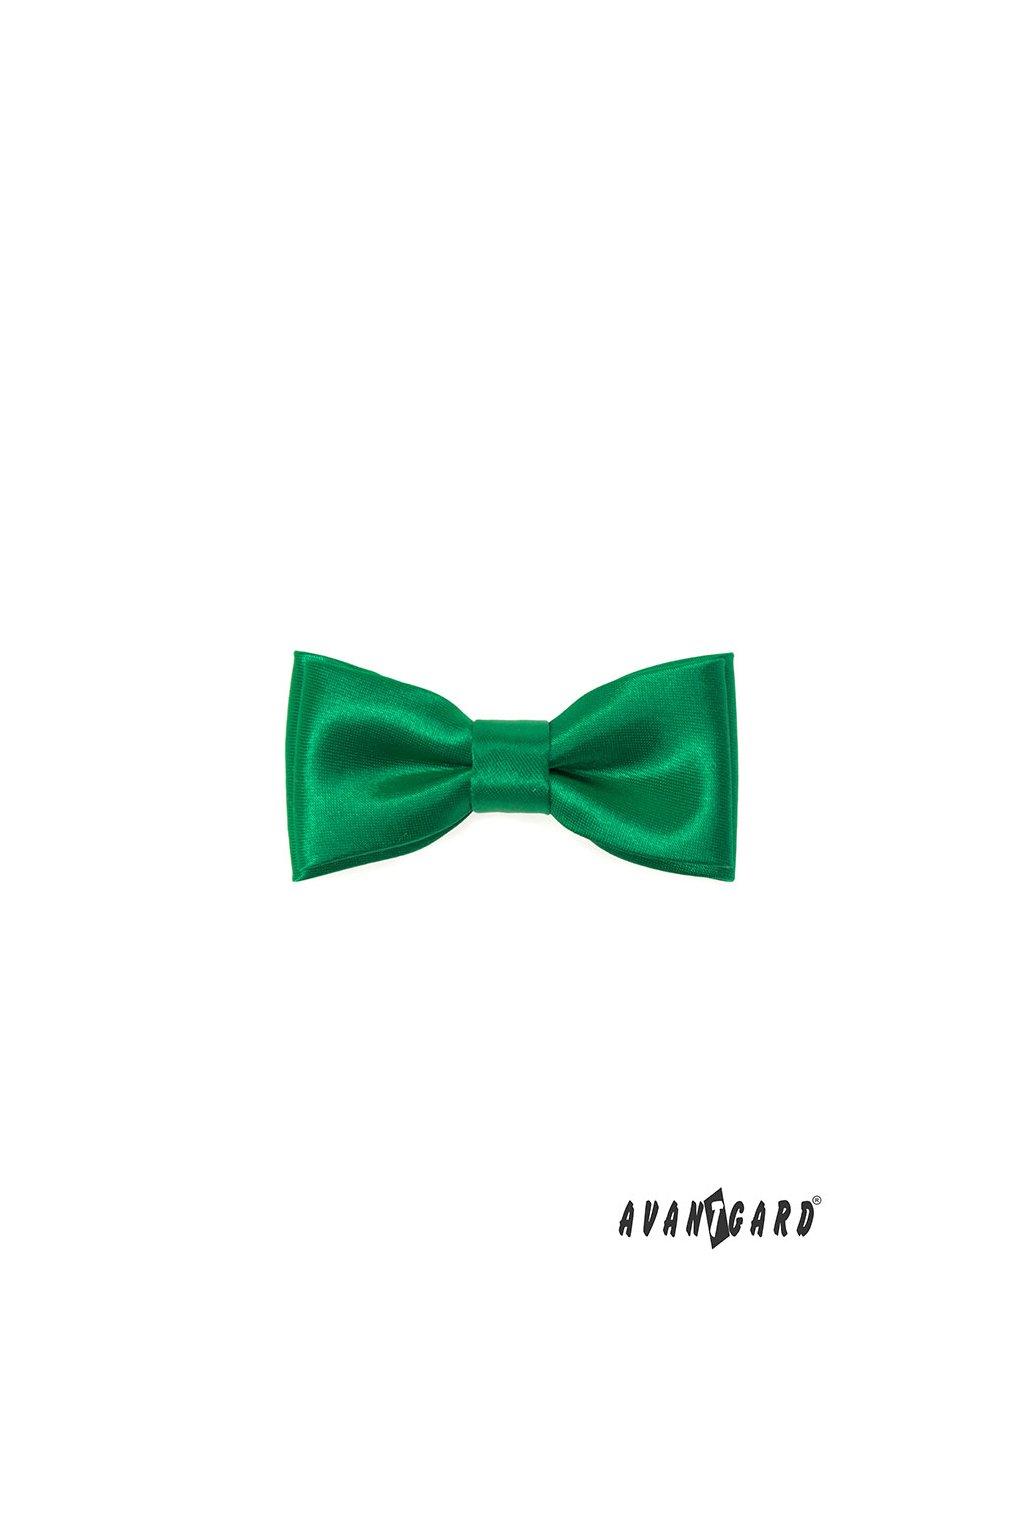 Motýlek MINI smaragdová 531 - 9046